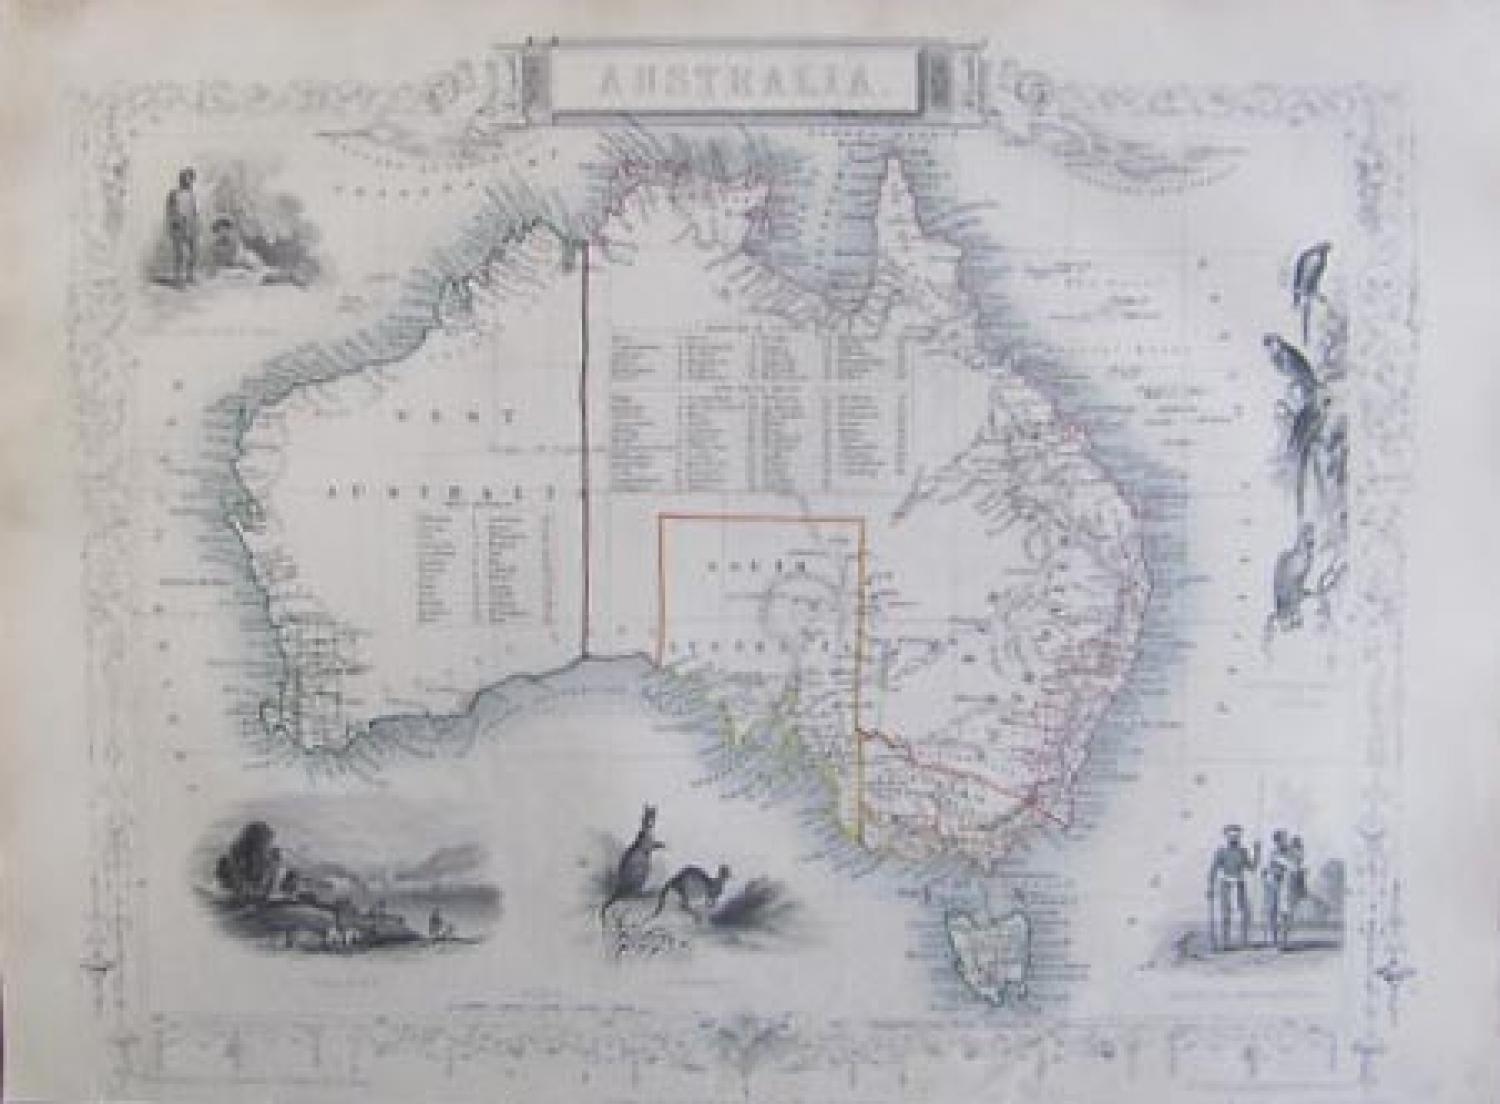 Tallis - Australia